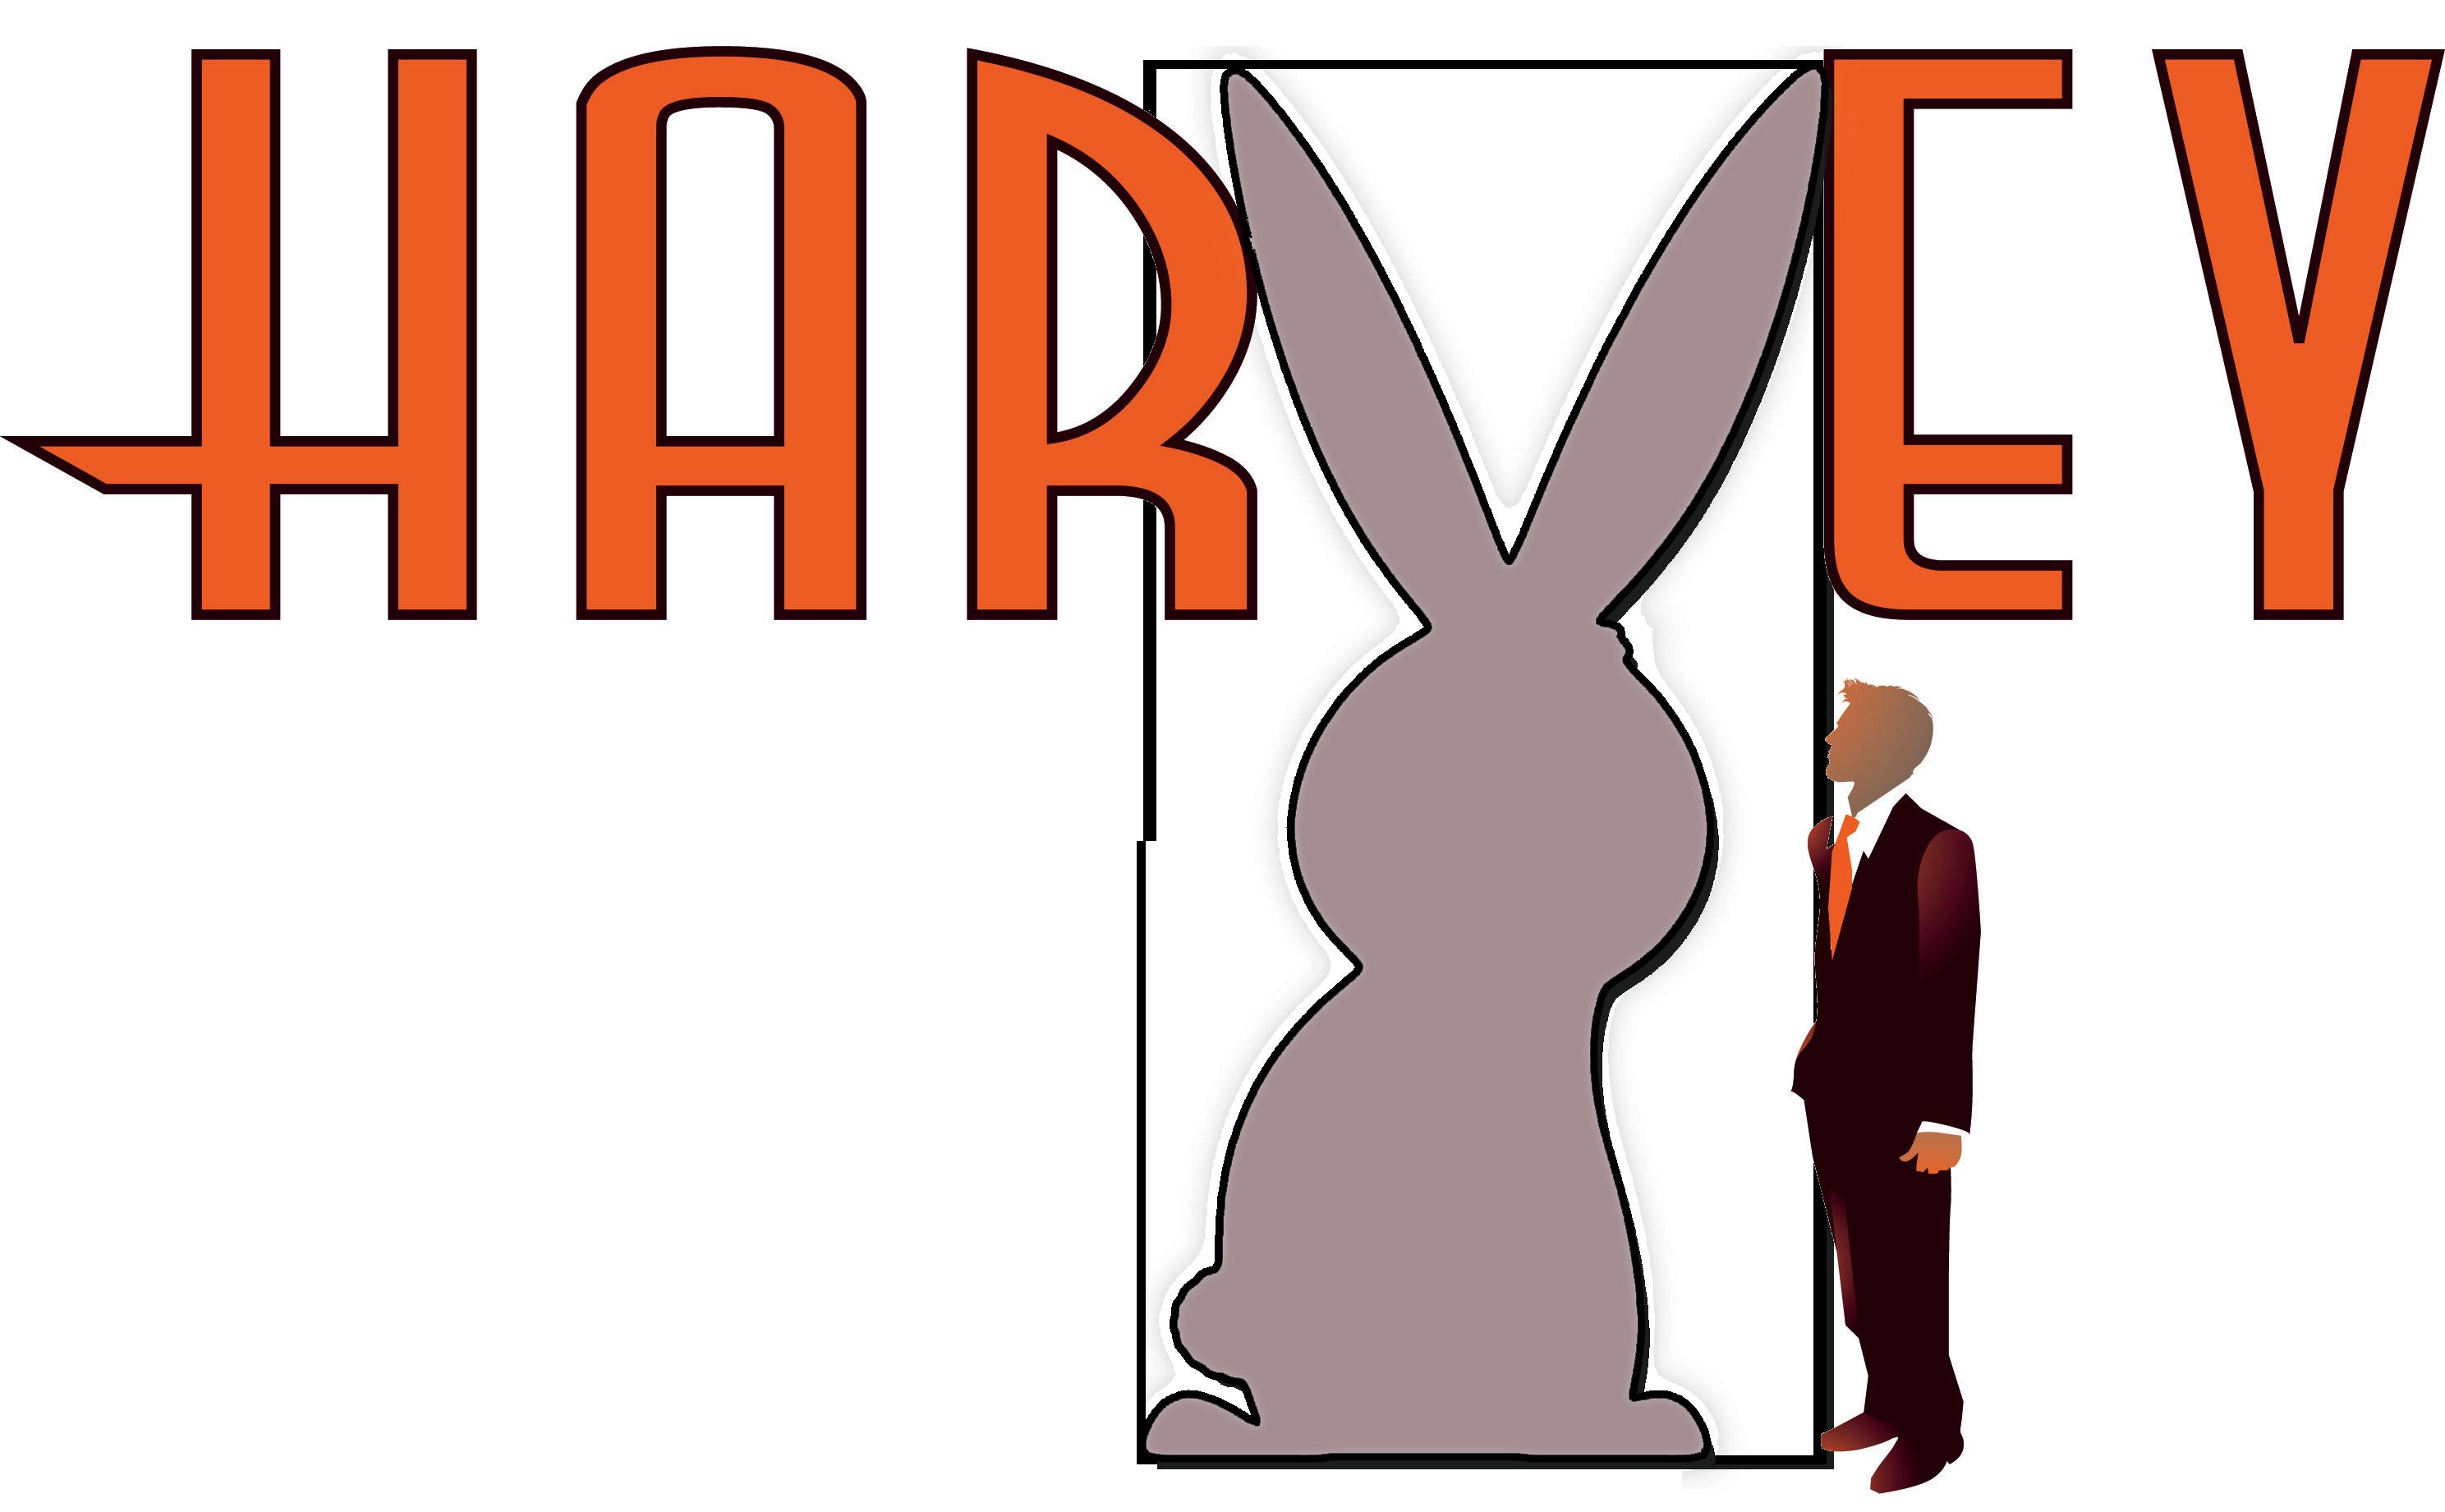 harvey-logo3